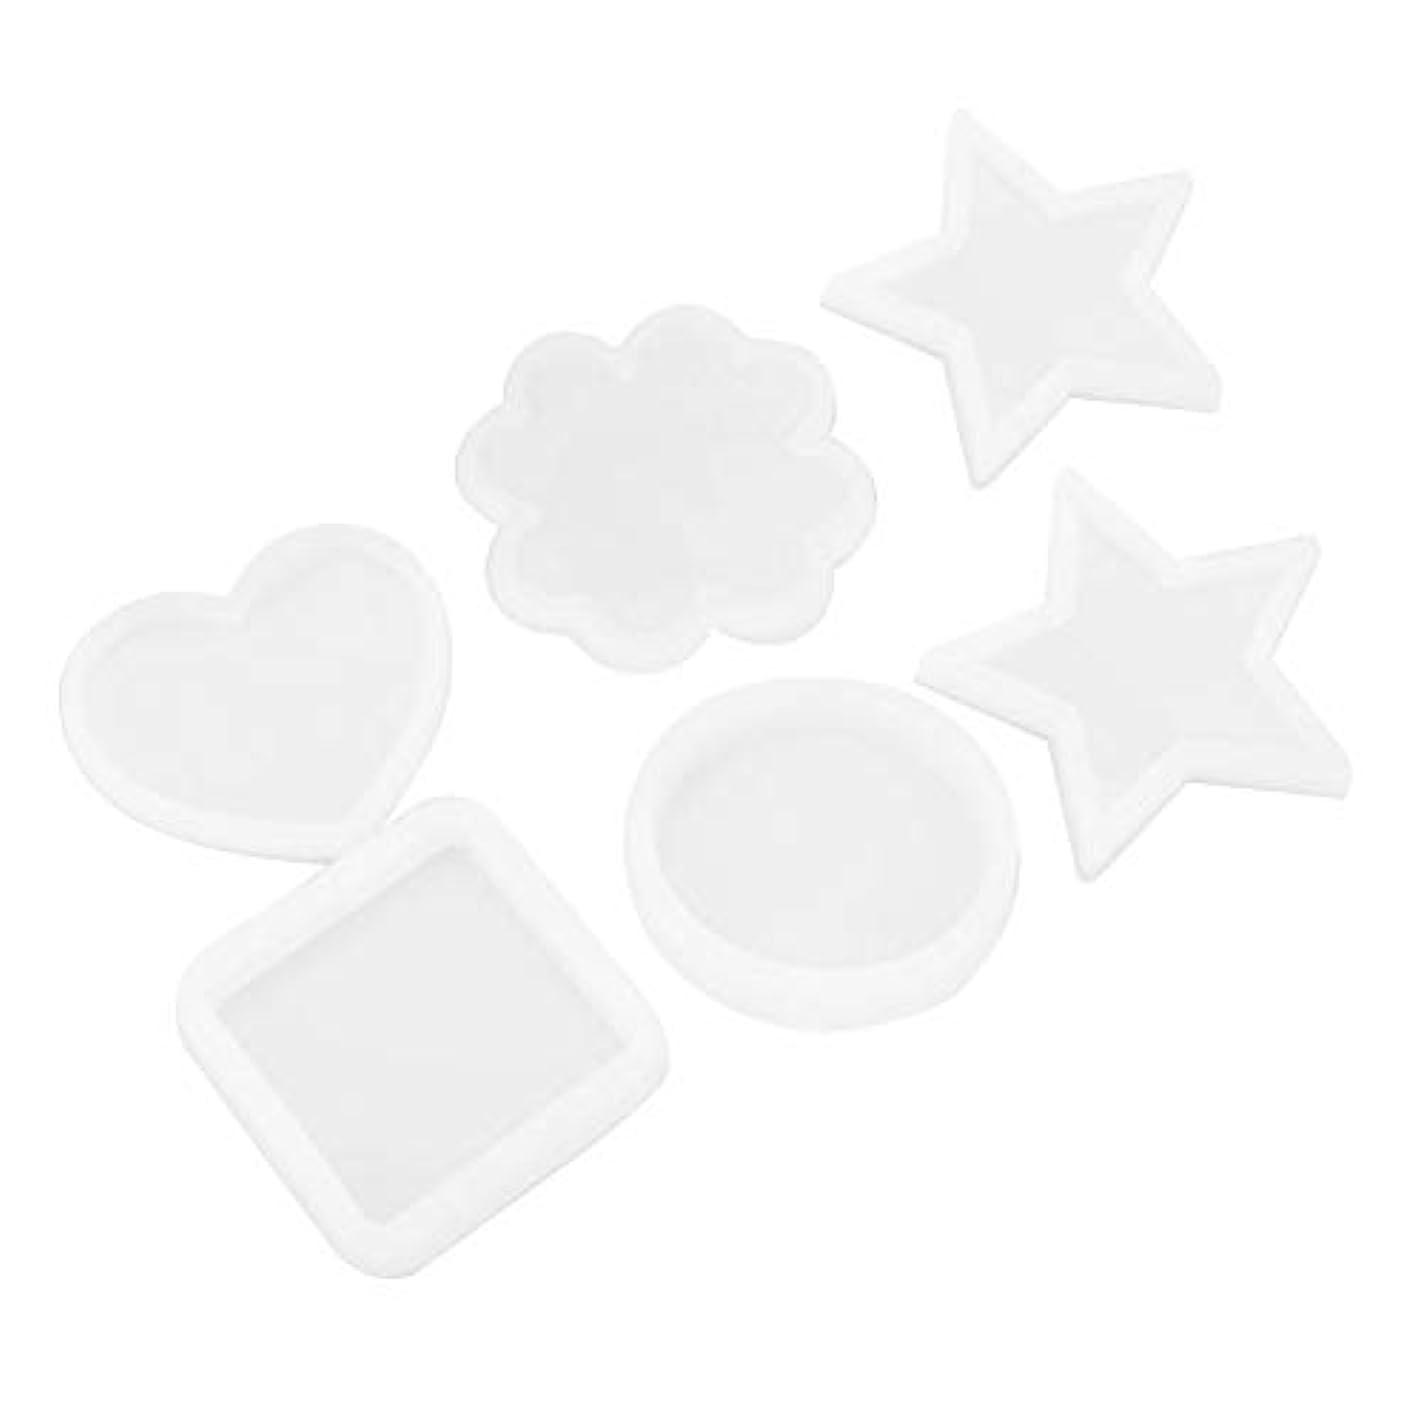 幻影ブレークサラミ6種類のサークルスクエアハート星形アートデコルティブシリコンモールドケーキデコレーションチョコレートモールドセットDIY